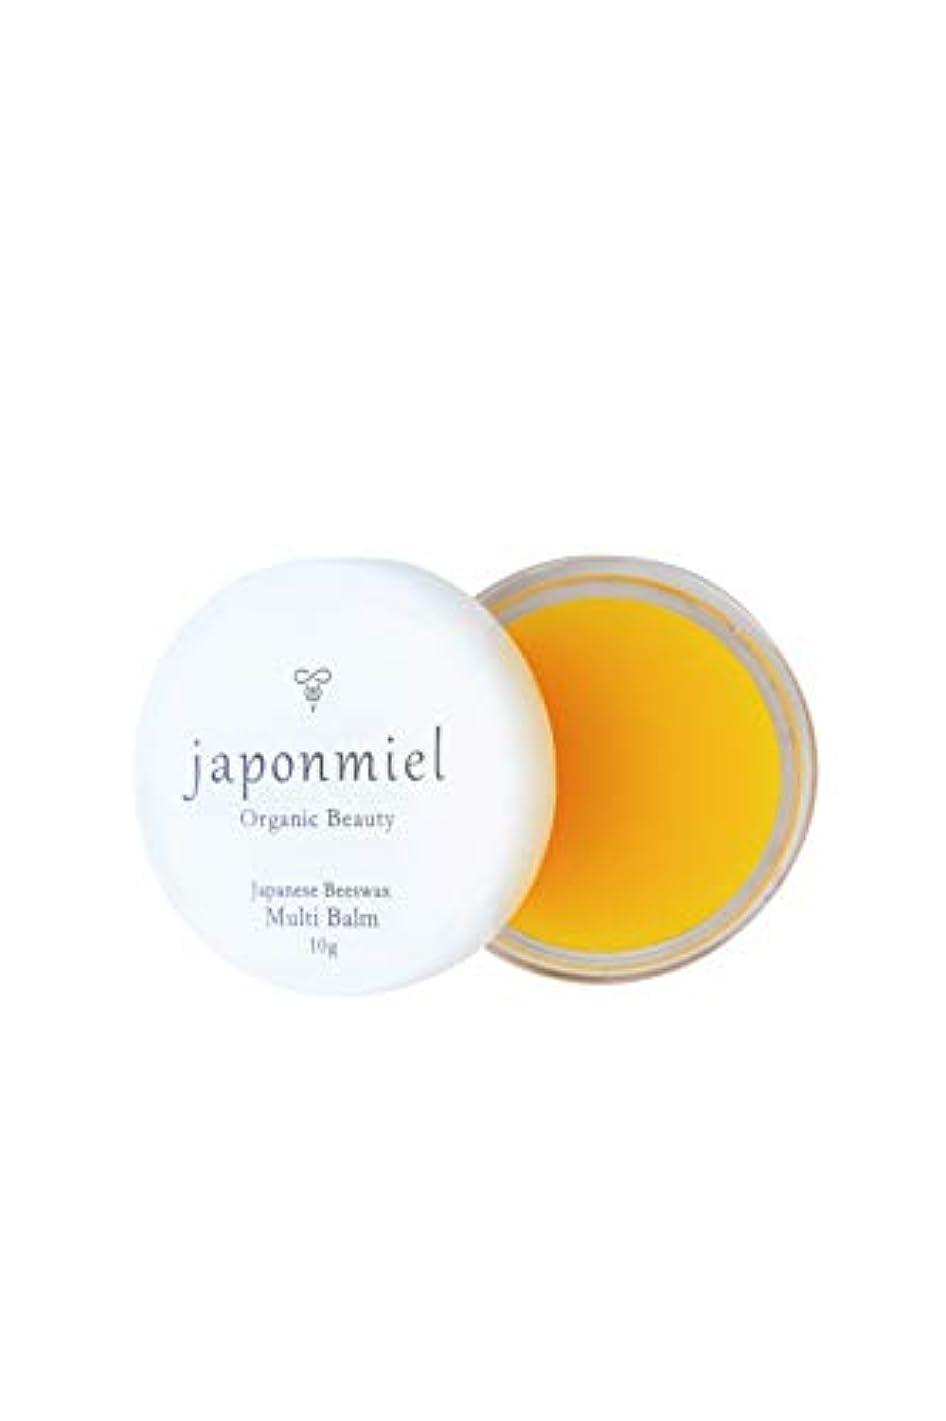 カレッジ相対的意義japonmiel オーガニック マルチバーム 10g (日本ミツバチ ミツロウ 配合 100%自然由来)